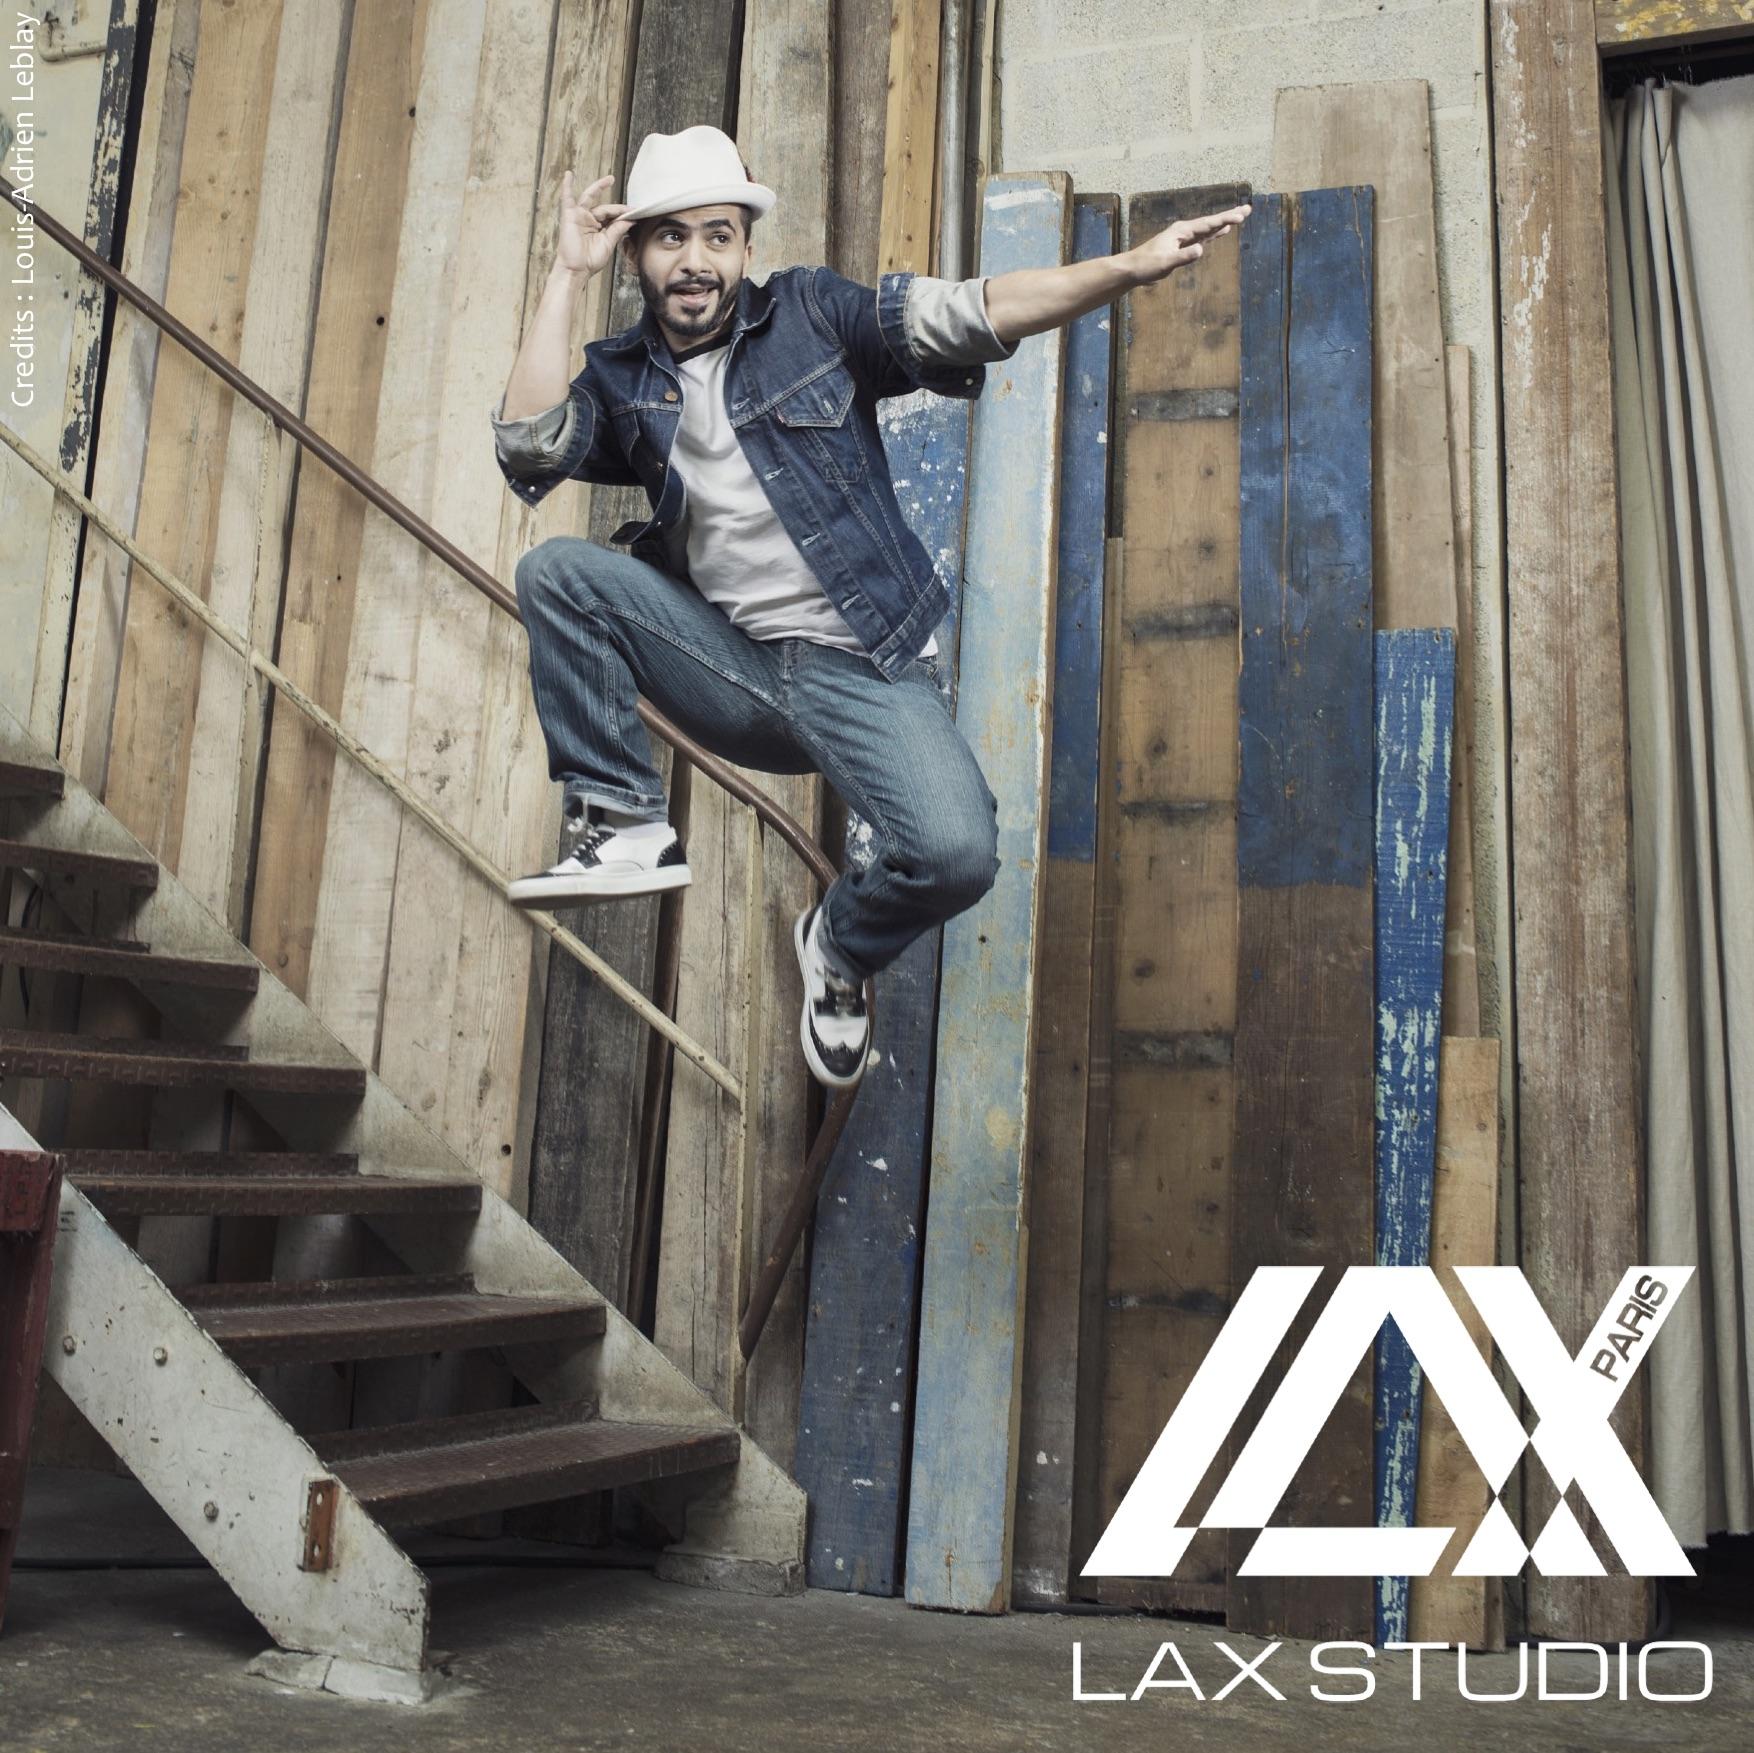 plock locking LAX STUDIO Krump danse dance cours école paris ecole school louis adrien leblay photo